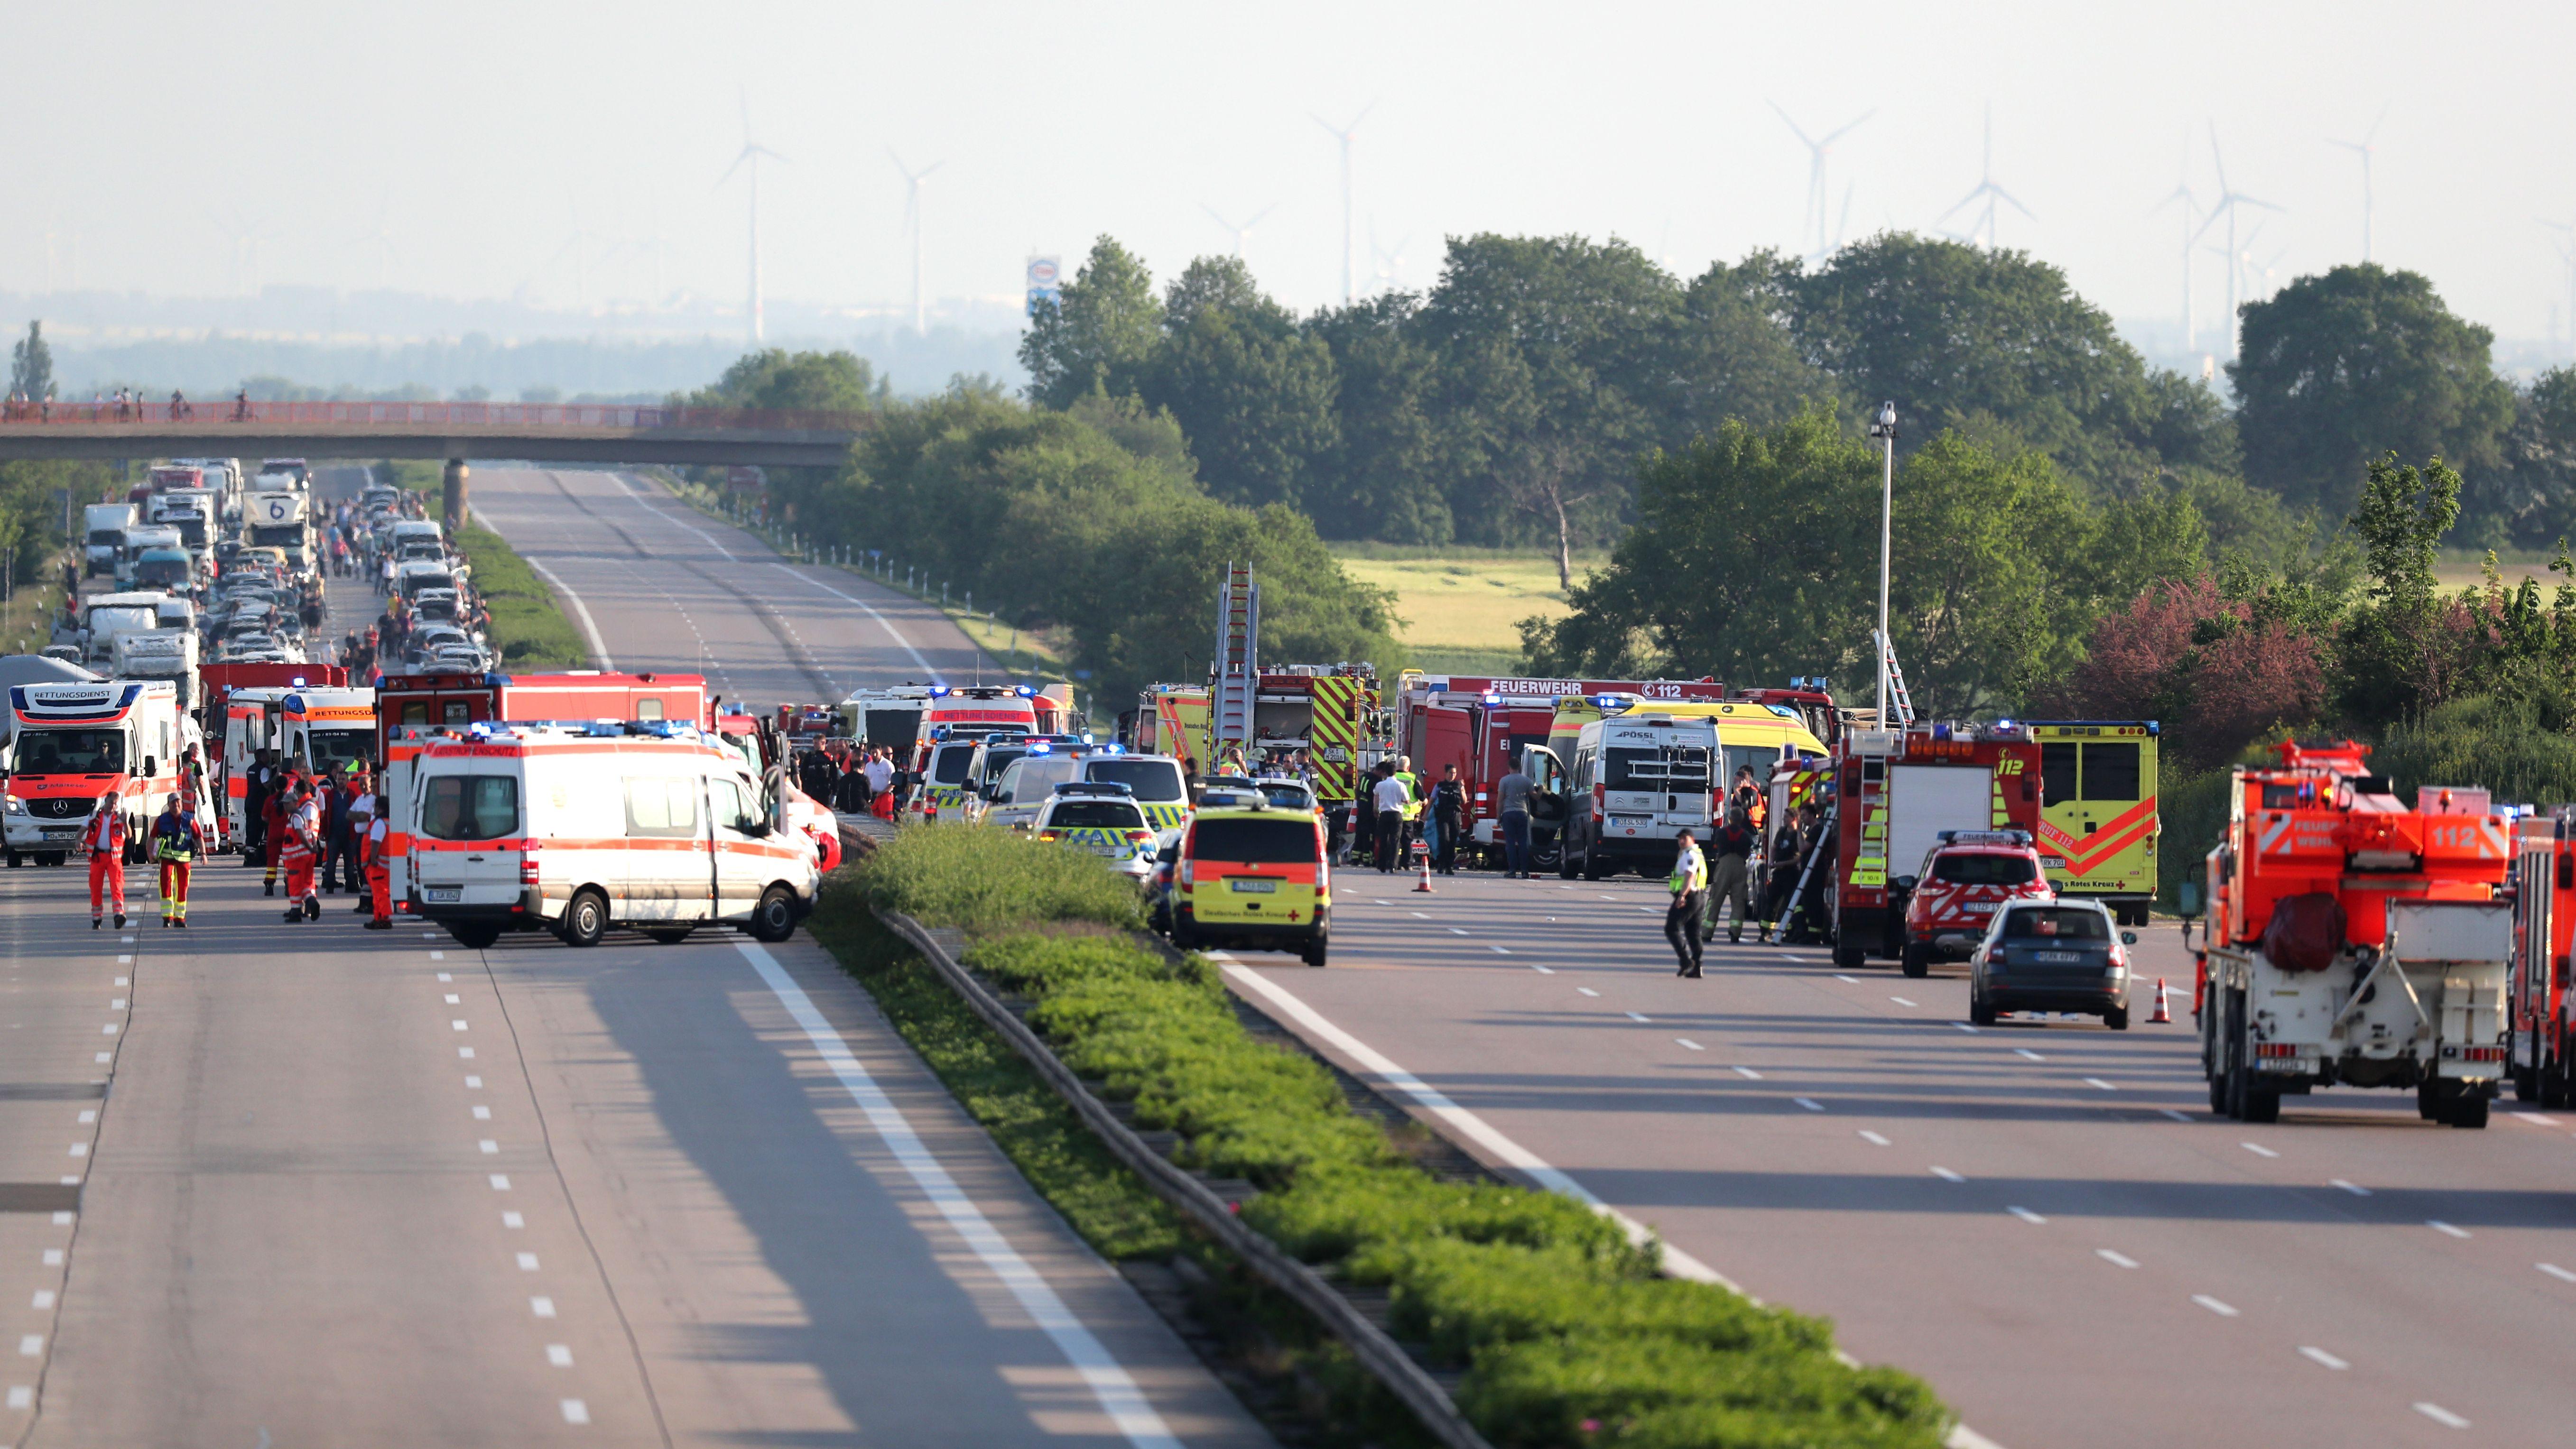 Die A9 bei Leipzig am Sonntag (19.05.2019): Einsatzkräfte der Feuerwehr und Rettungsdienst stehen an der Unfallstelle des Reisebusses.